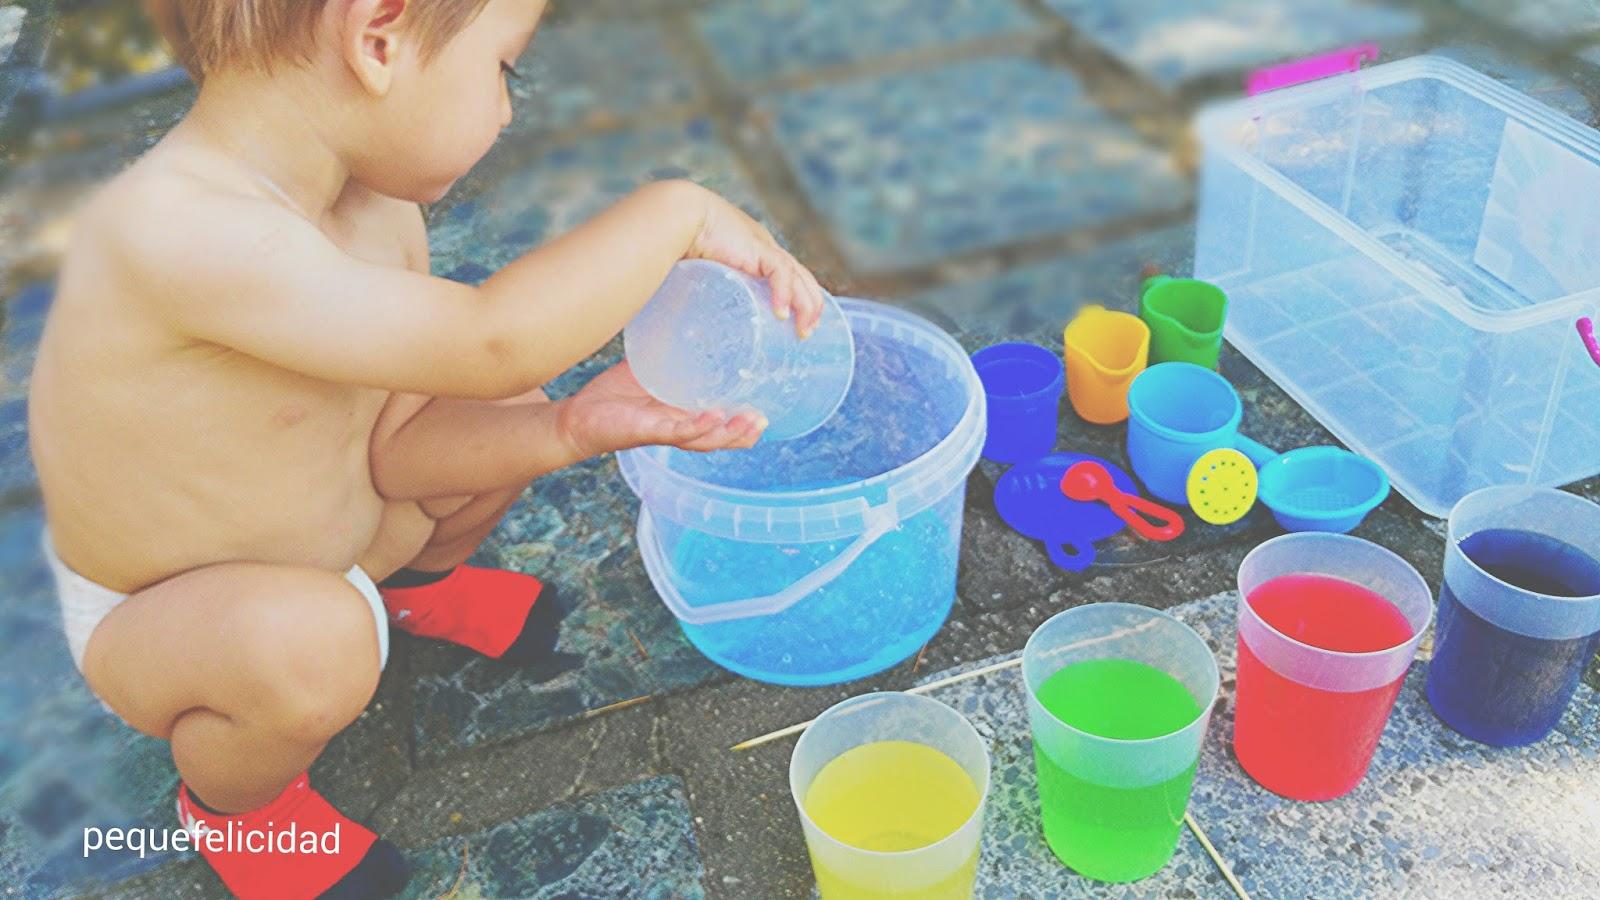 PEQUEfelicidad: 10 JUEGOS CON AGUA PARA NIÑOS DE 1 A 2 AÑOS